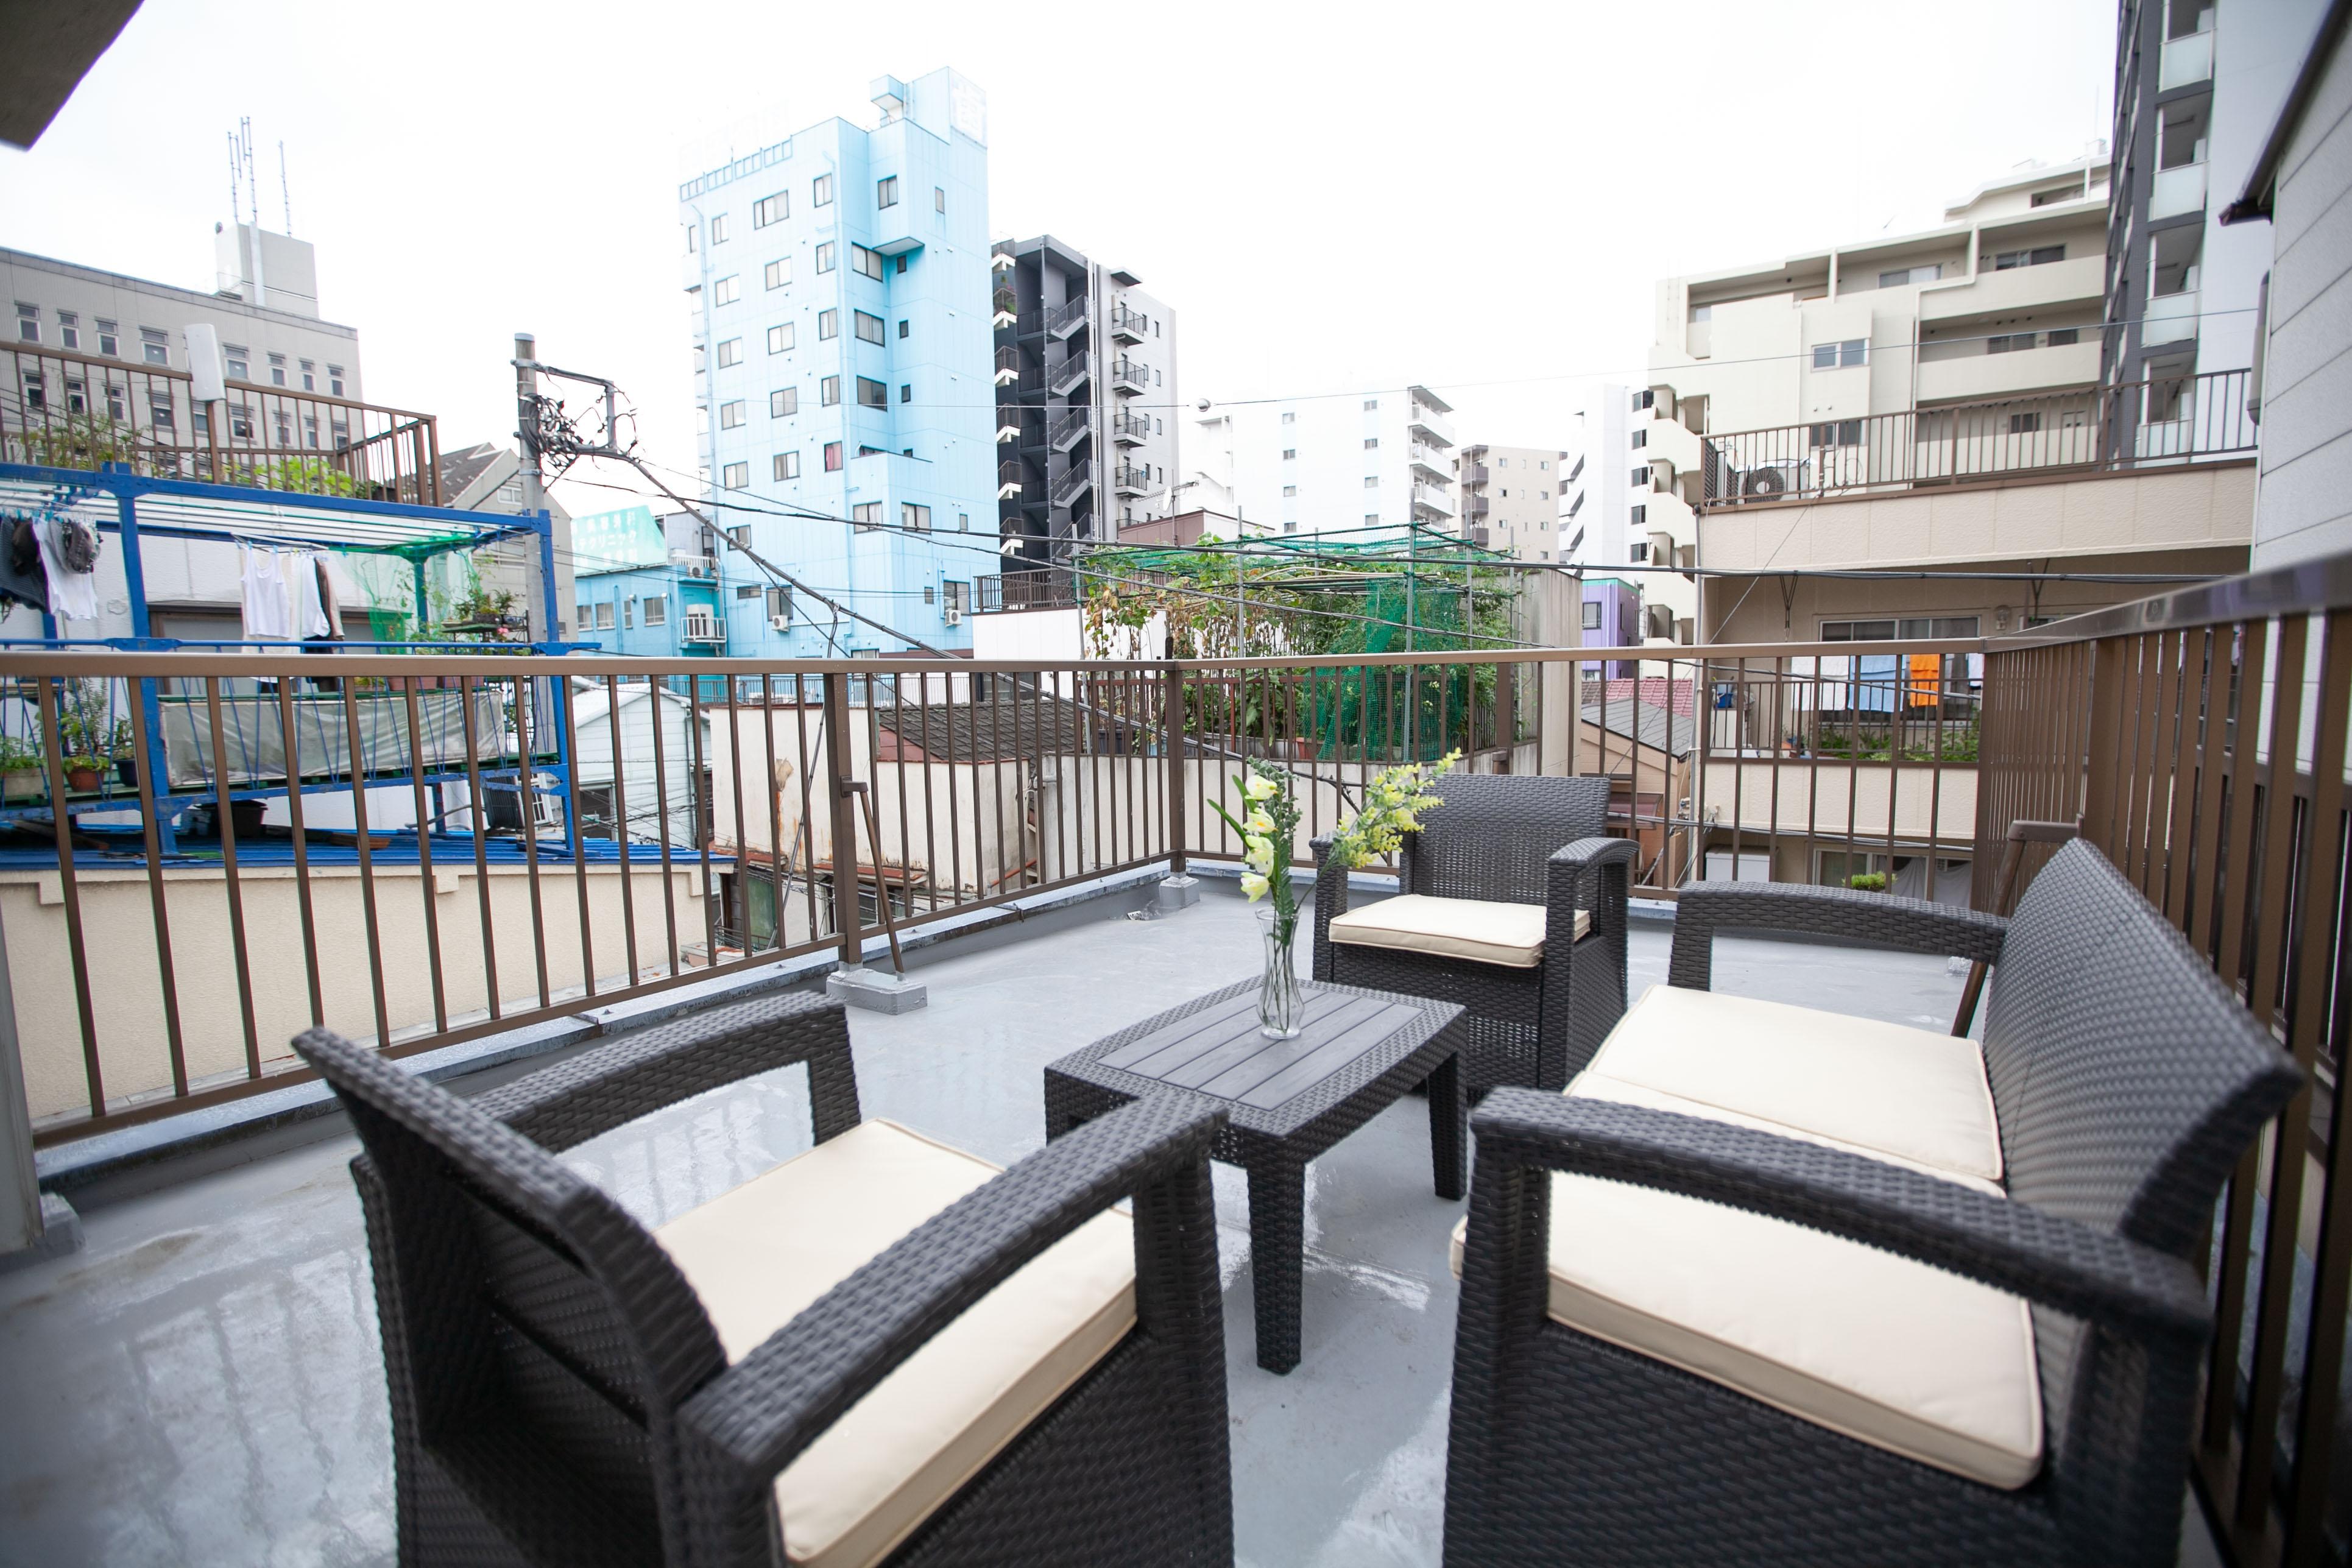 ●屋上 オープンカフェ 最大4名まで利用できるソファー&テーブルセット。 天気の - 東京・王子「アイビーカフェ王子」 屋上オープンカフェ/屋外約10畳の室内の写真